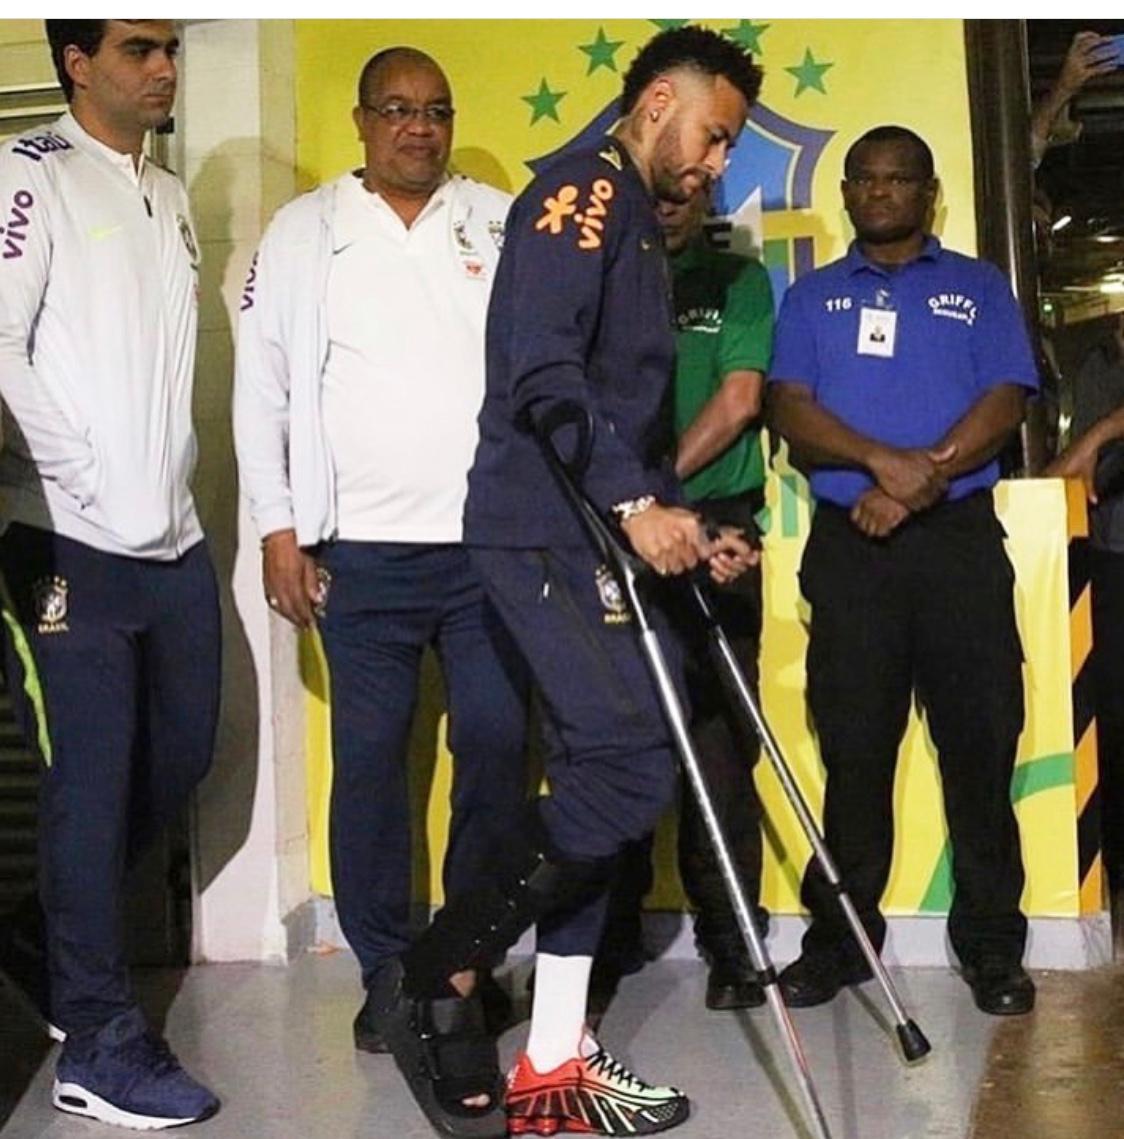 Jogador Neymar, Dr. Felipe Kalil e equipe após a cirurgia.